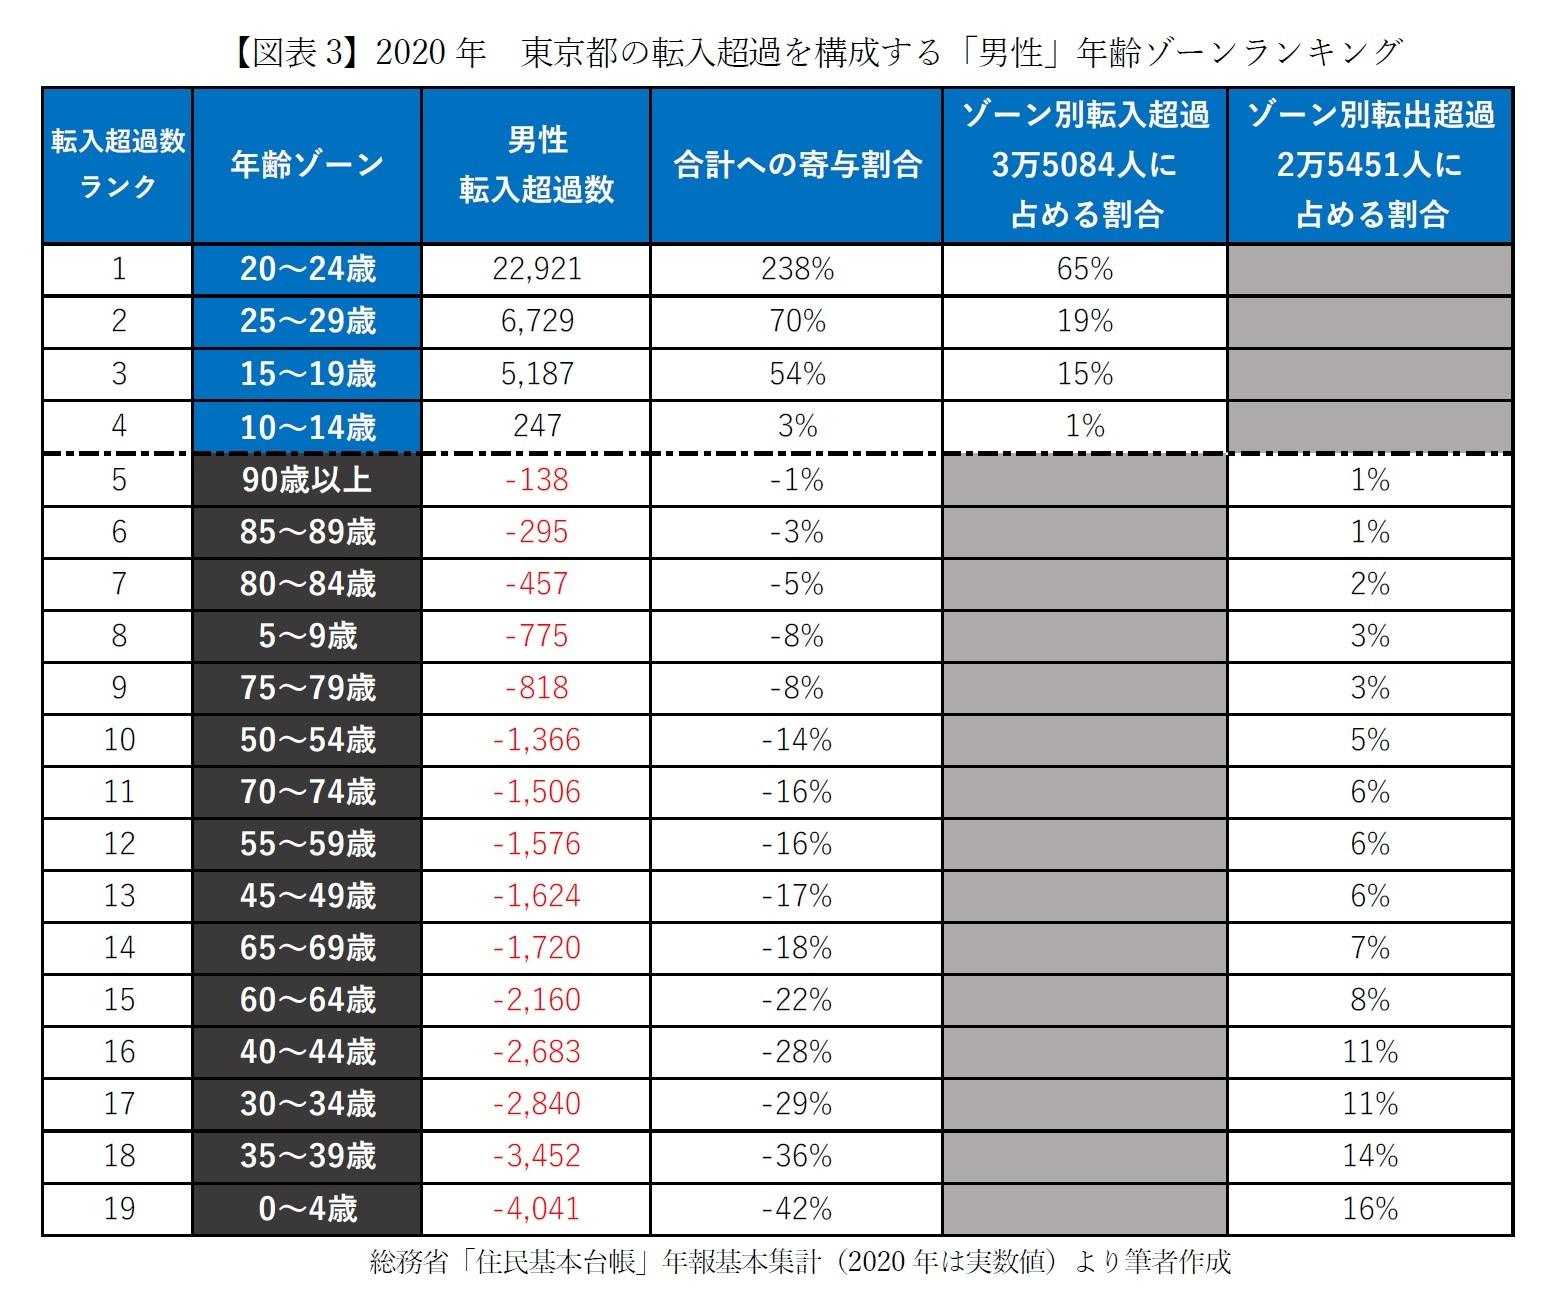 【図表3】2020年 東京都の転入超過を構成する「男性」年齢ゾーンランキング